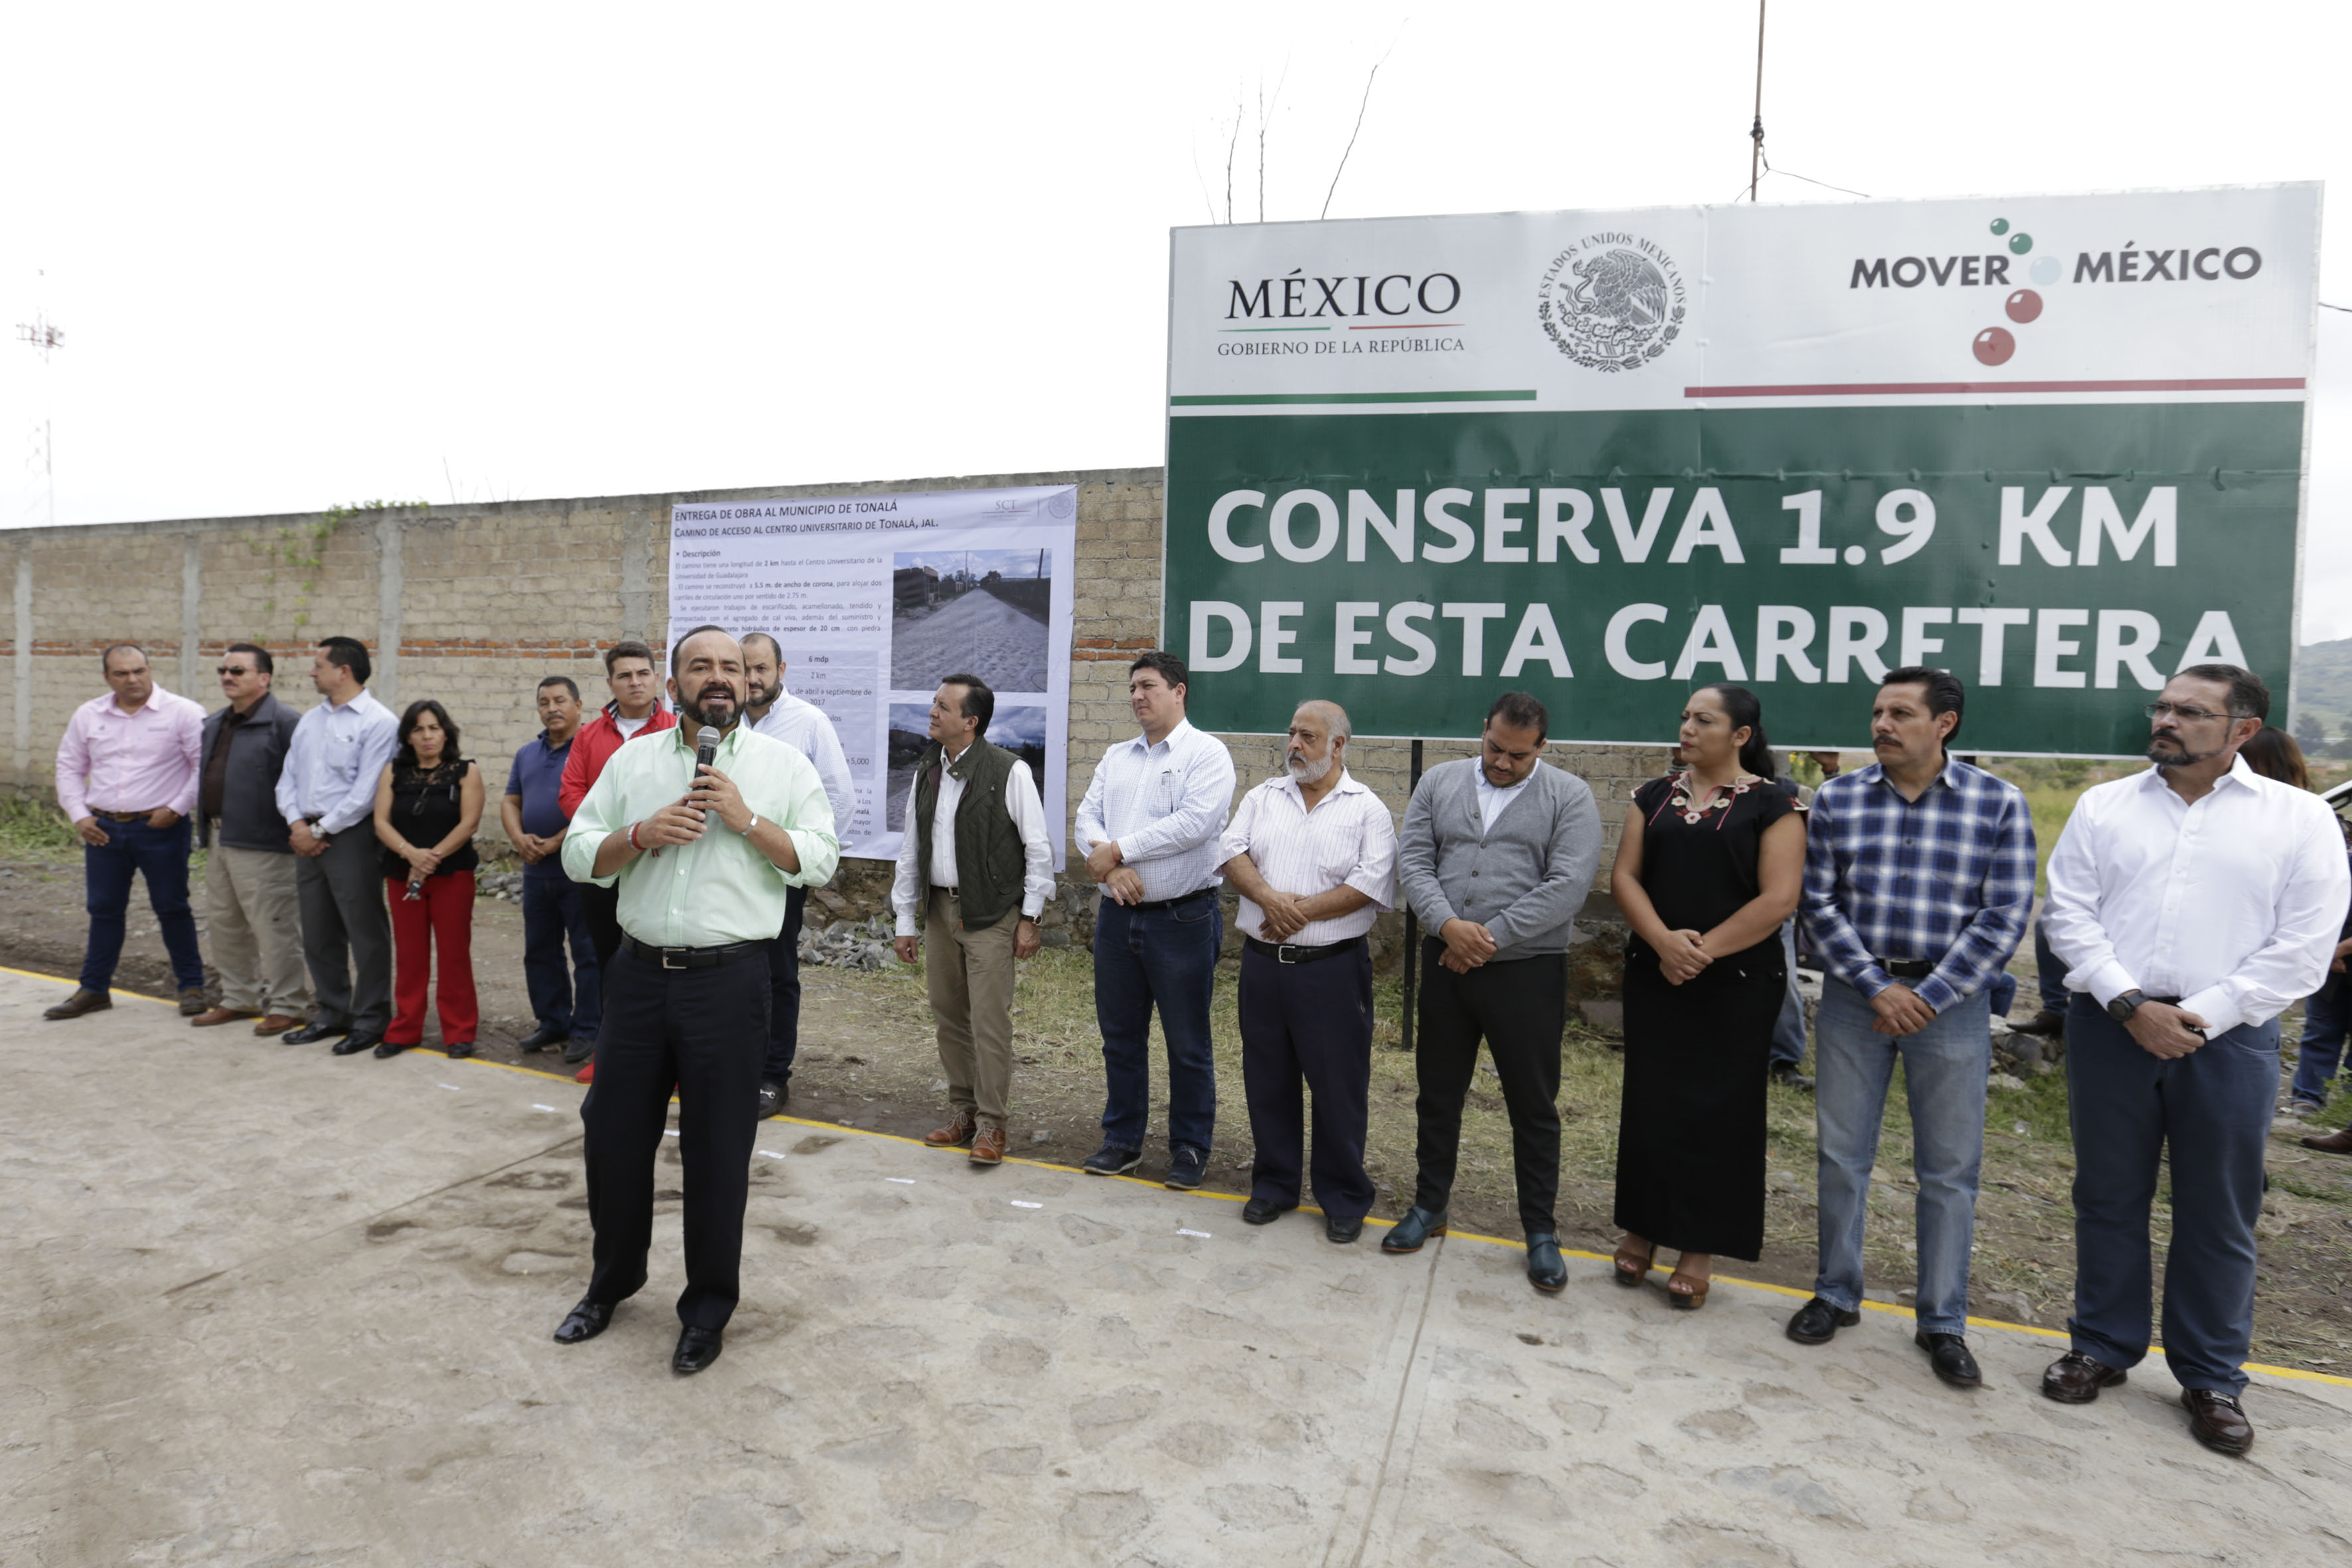 Alcalde de Tonalá, Sergio Chávez Dávalos, participando en la ceremonia inaugural.